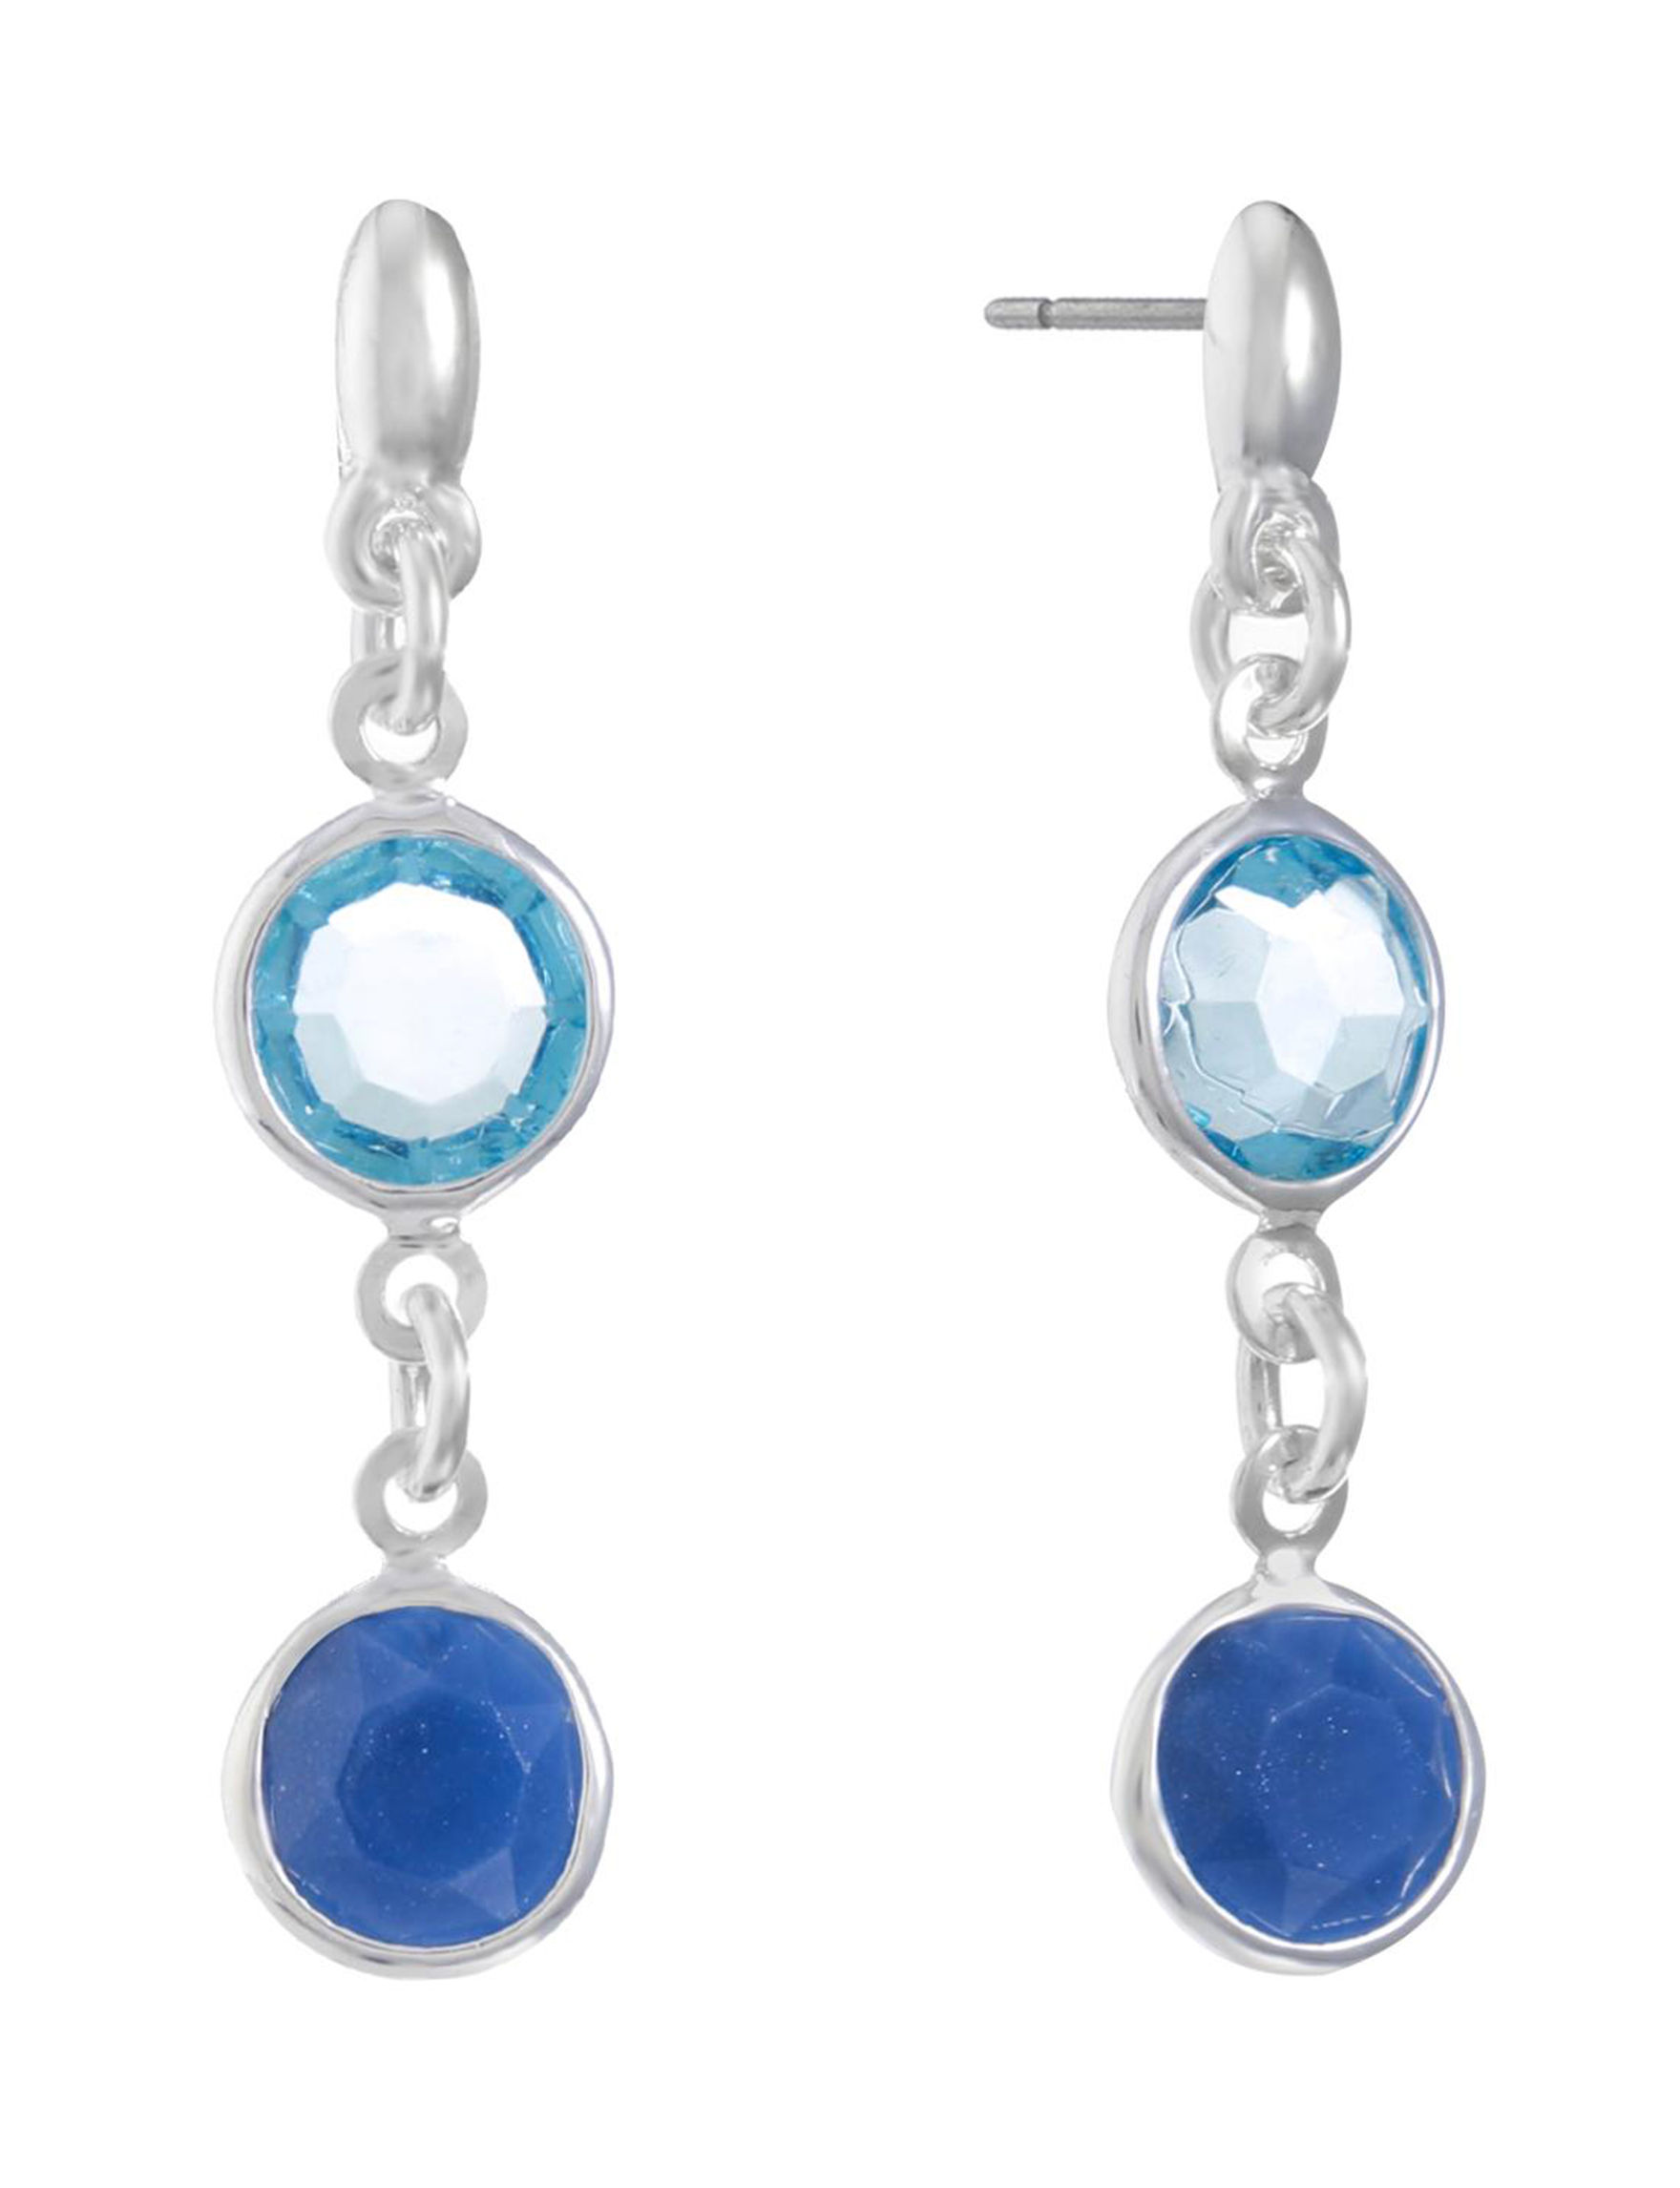 Gloria Vanderbilt Blue / Silver Earrings Fashion Jewelry